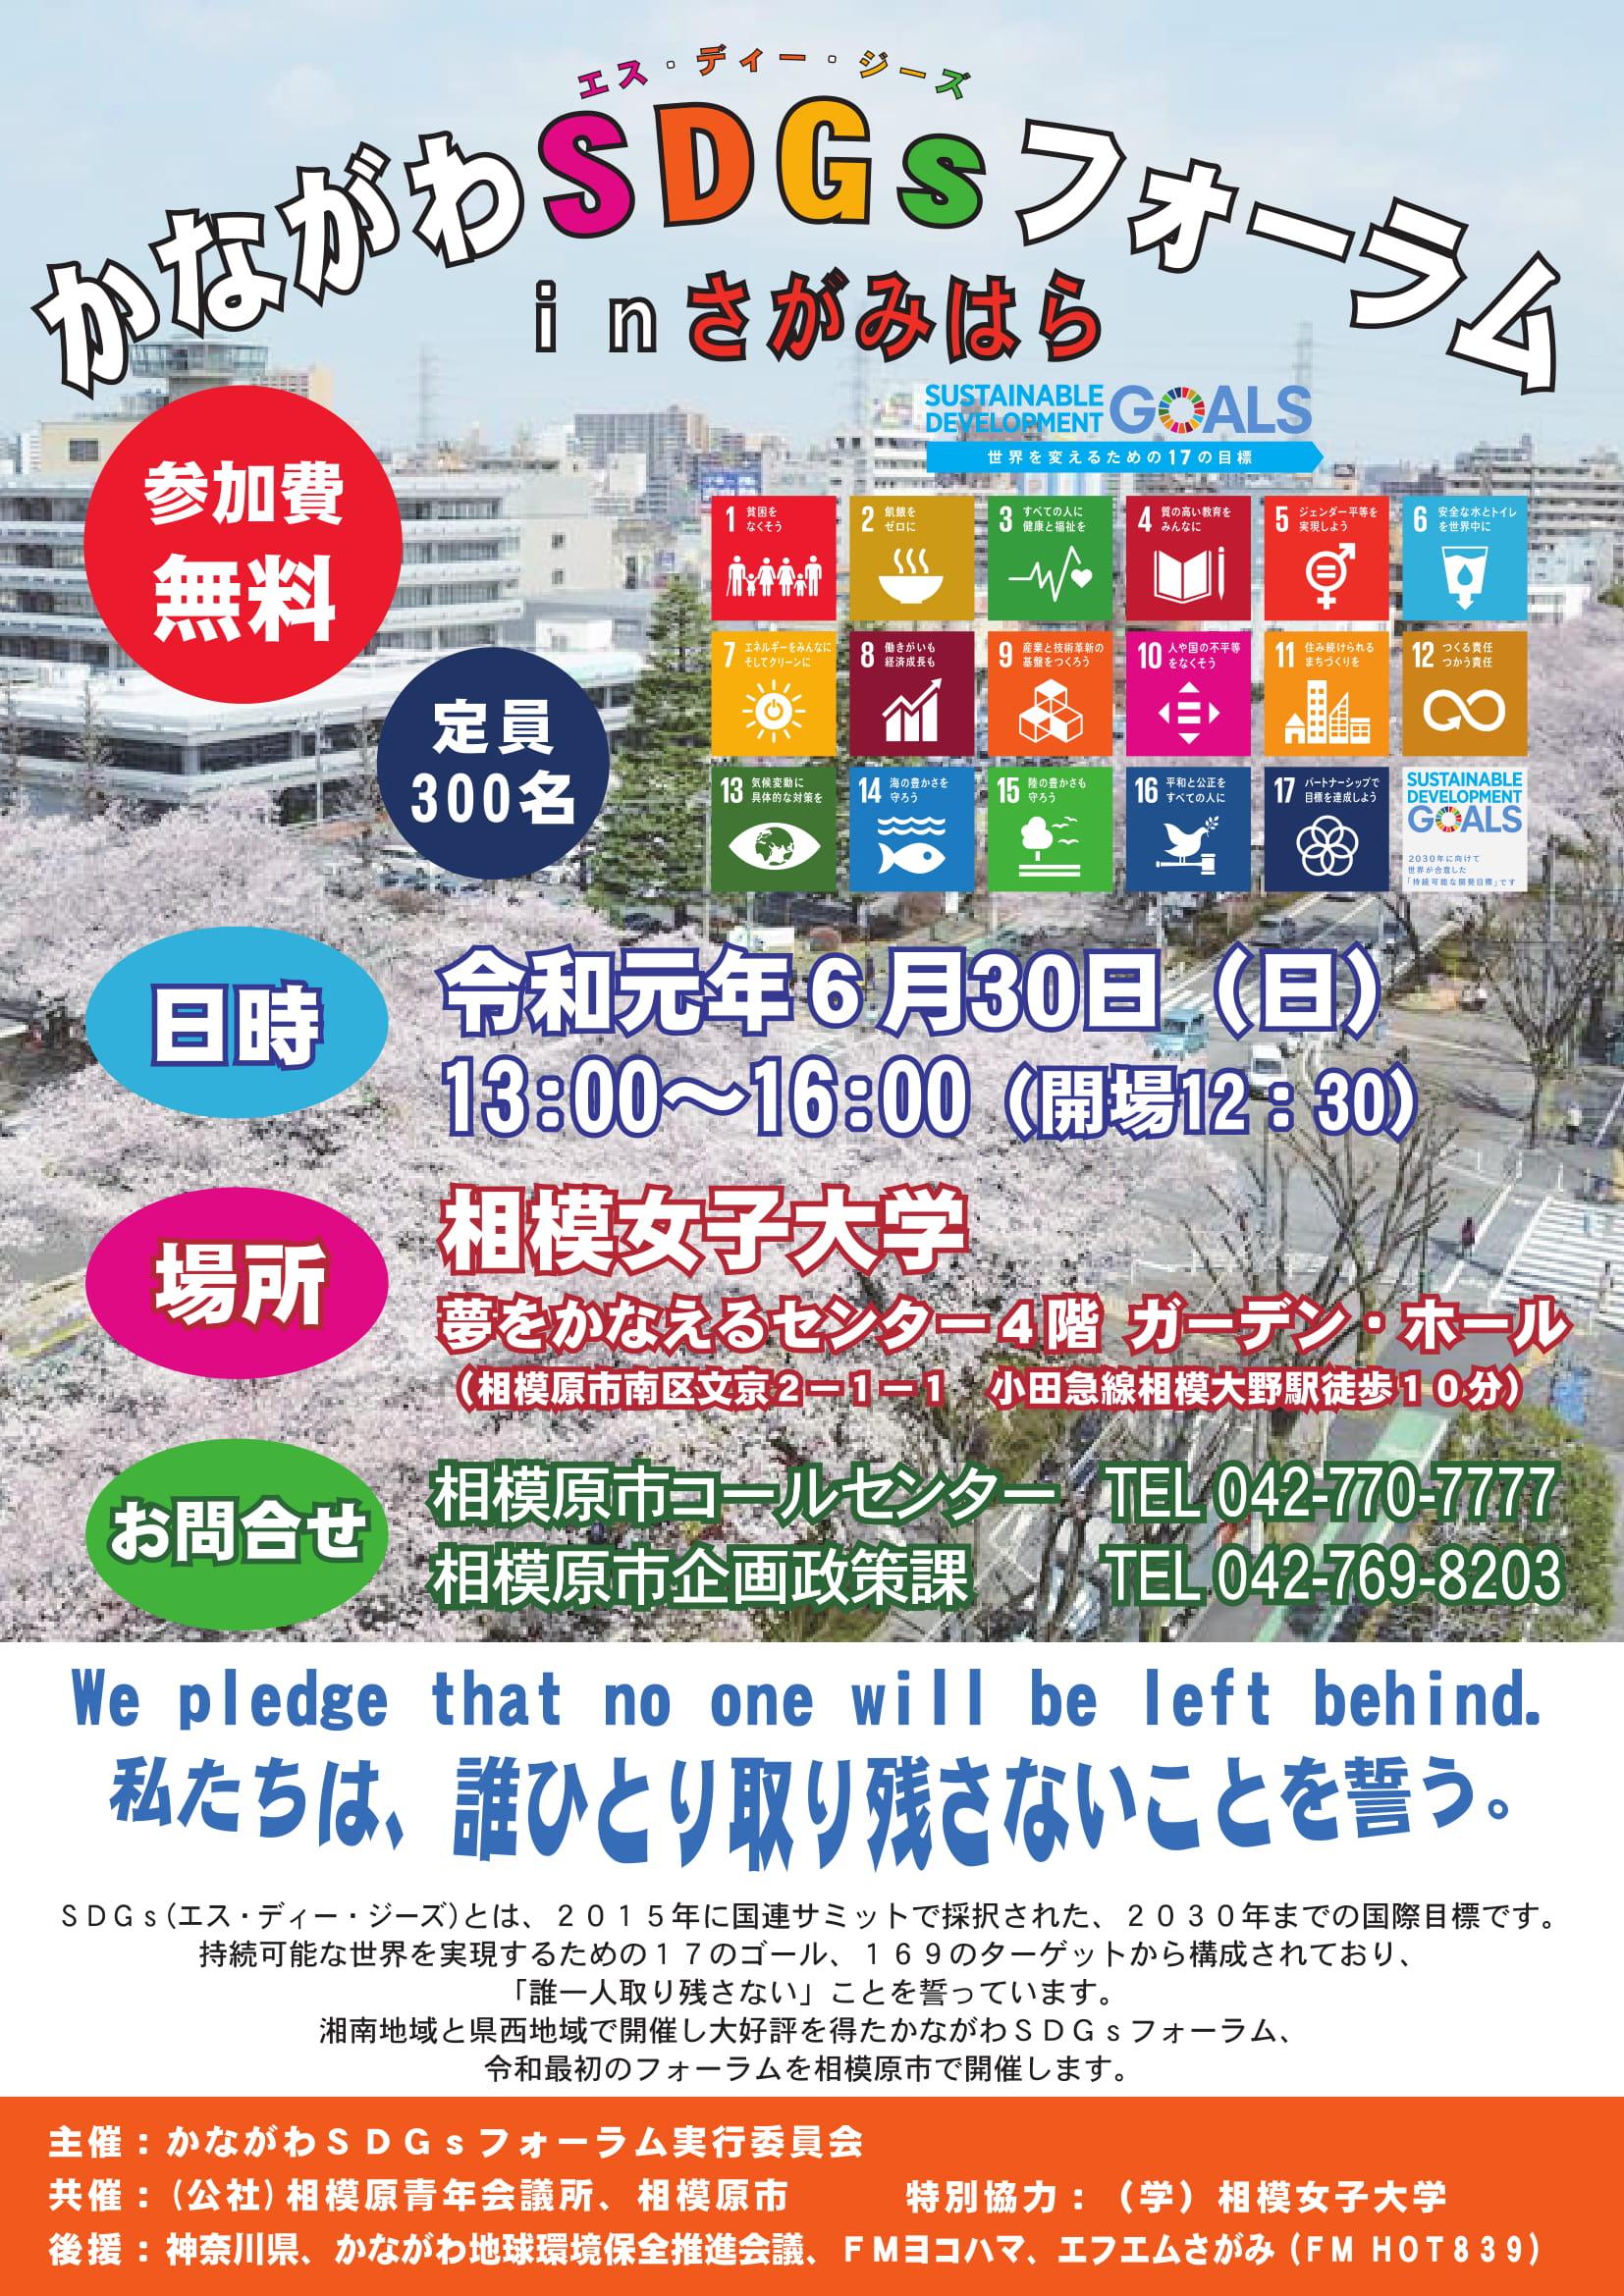 6月30日は「かながわSDGsフォーラムinさがみはら」が開催されます。